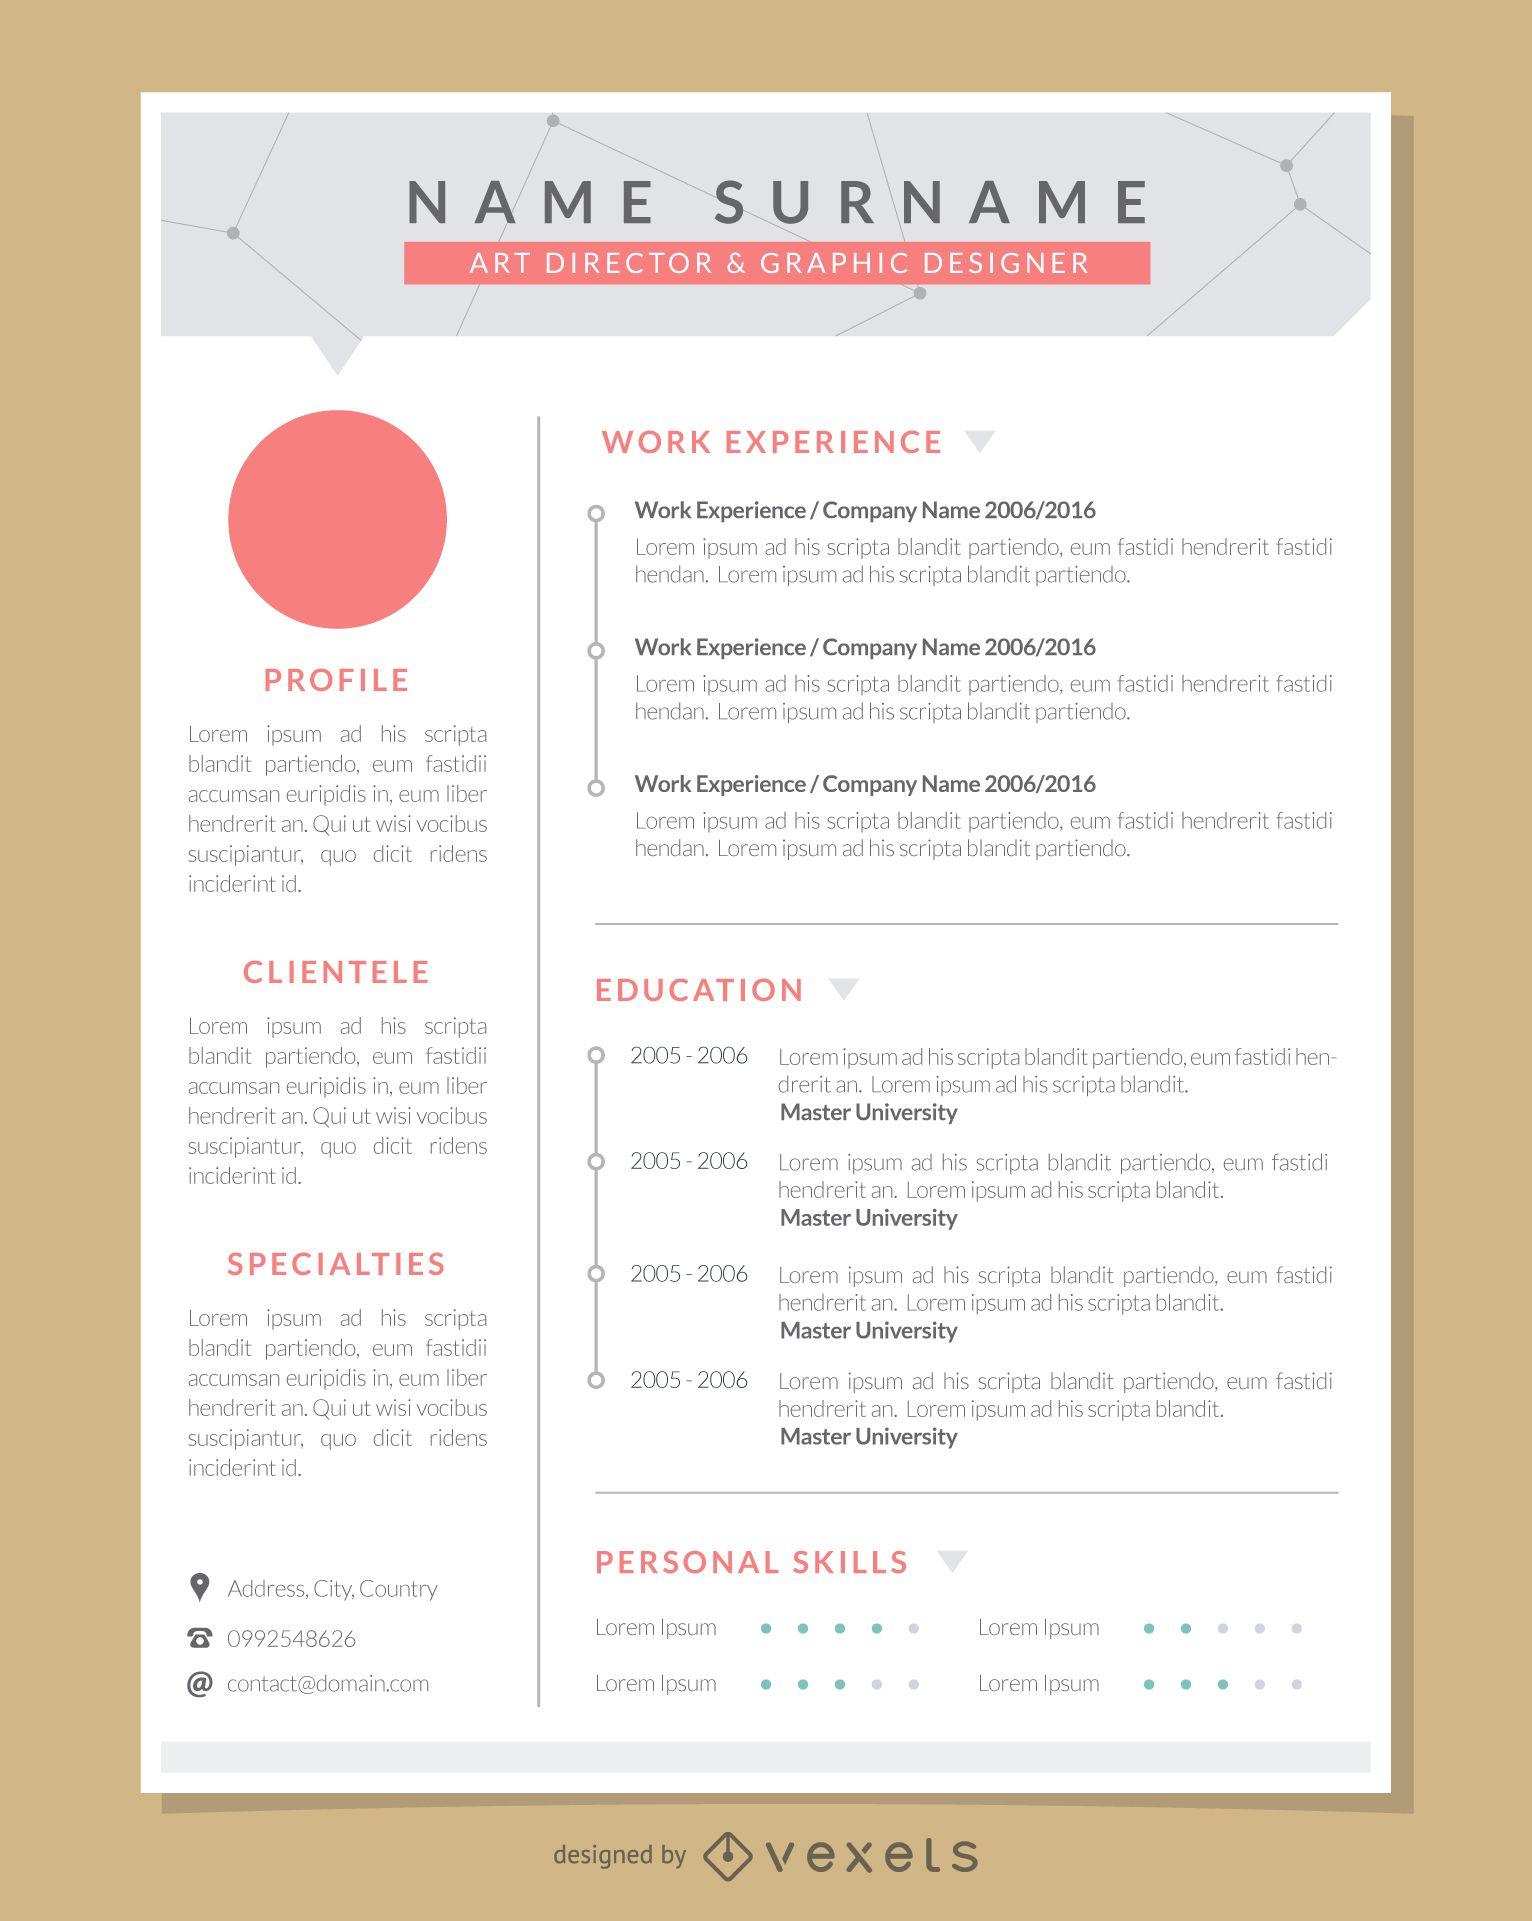 Modelo de currículo profissional para artista gráfico